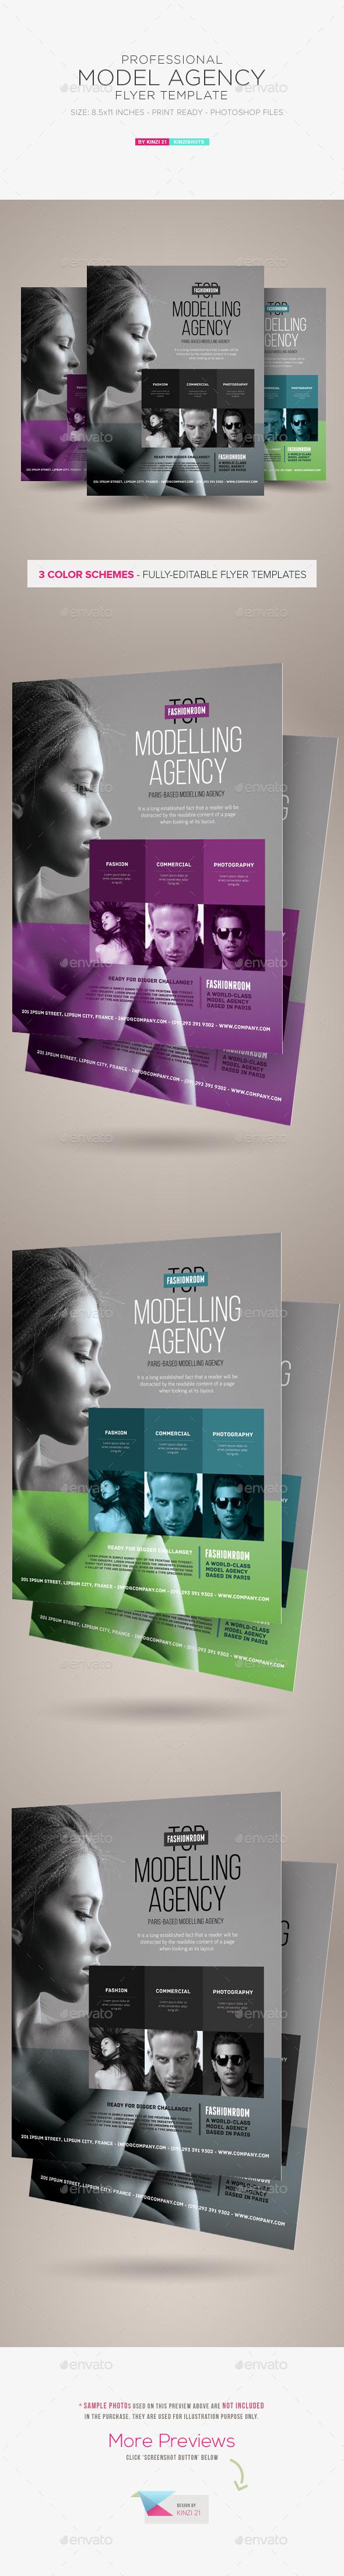 Model Agency Flyer - Corporate Flyers